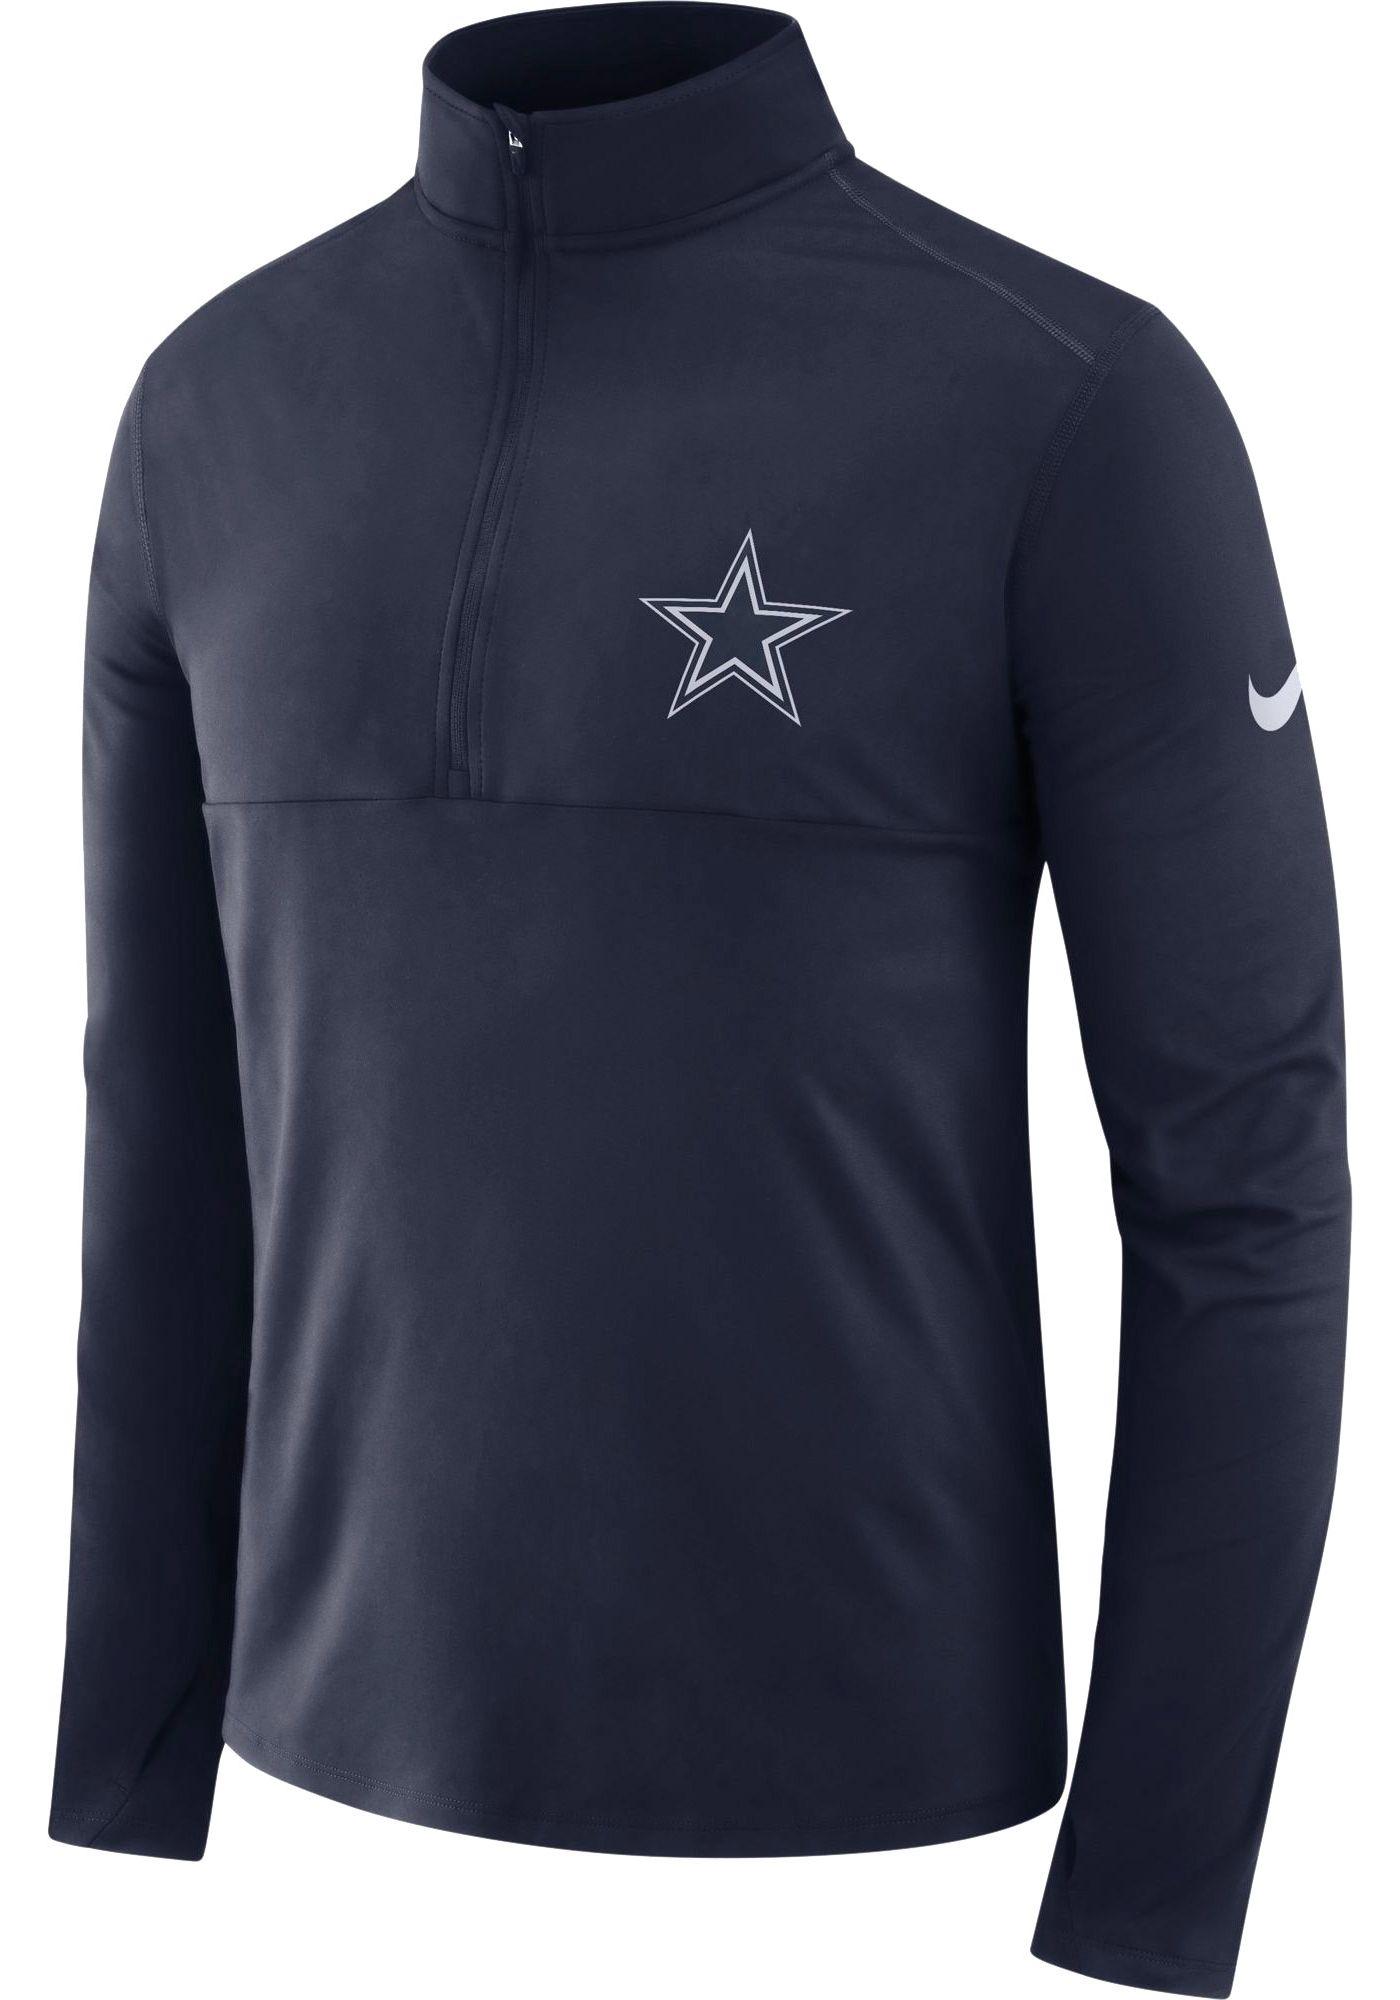 Nike Men's Dallas Cowboys Core Performance Navy Half-Zip Pullover Top